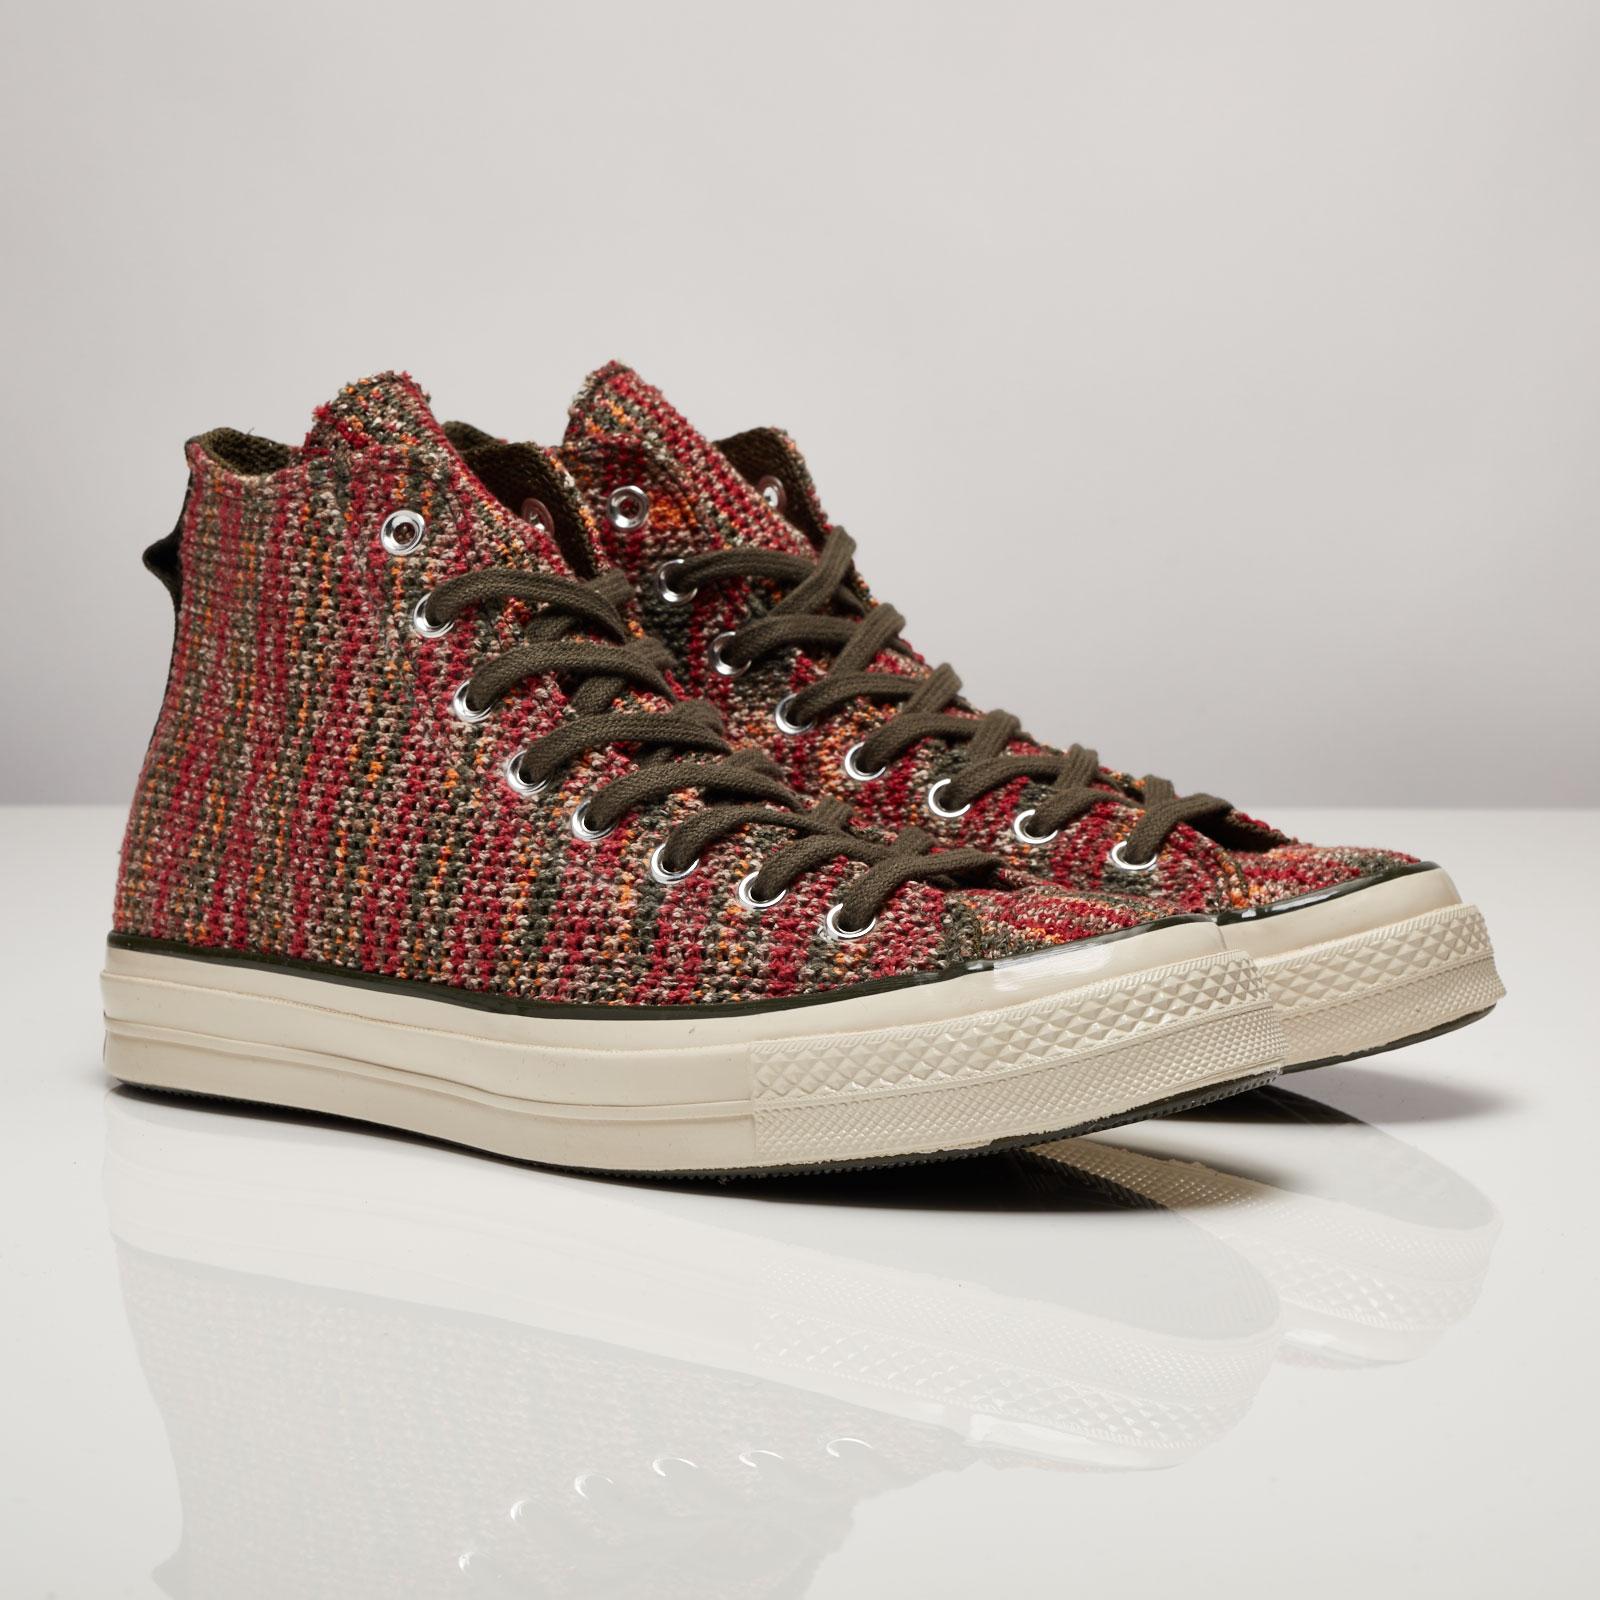 bb1afb4f46e9 Converse Chuck Taylor All Star Missoni Hi - 153105c - Sneakersnstuff ...